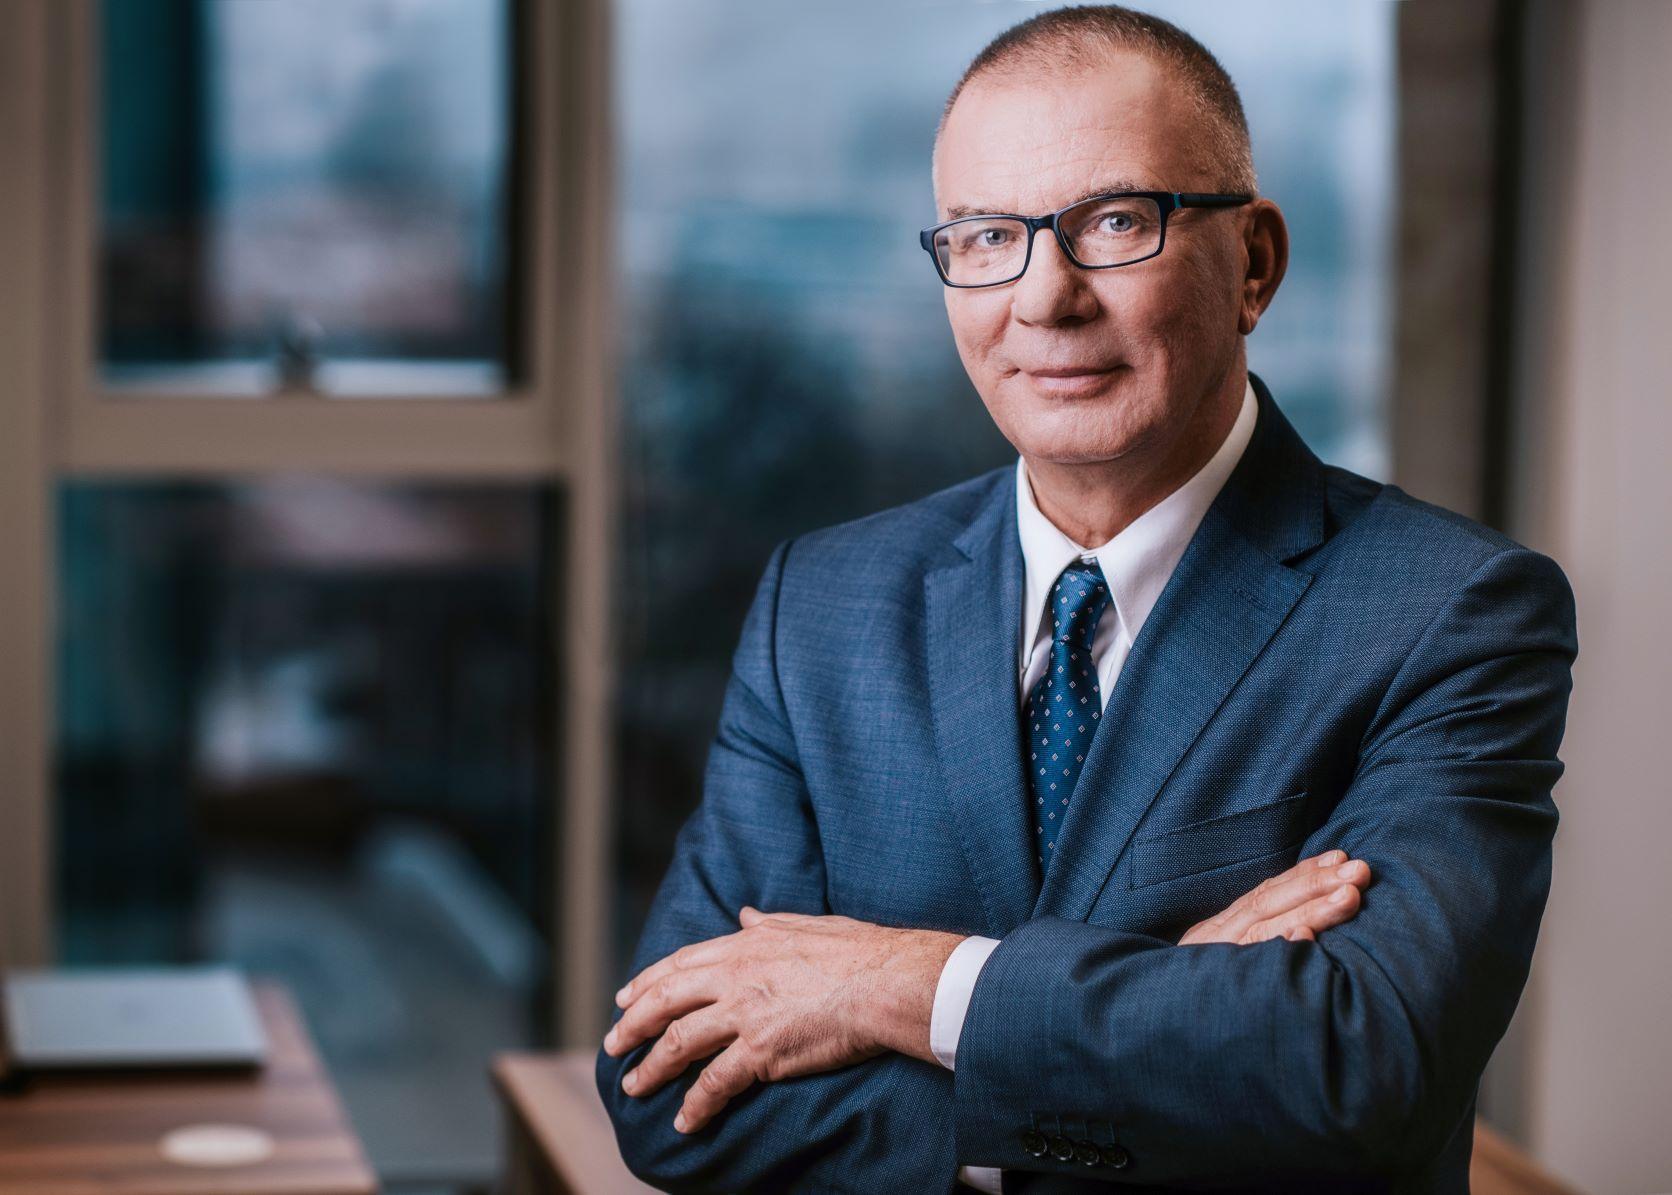 Rzecznik MŚP wnioskuje wprowadzenie 10 zmian systemowych do Premiera